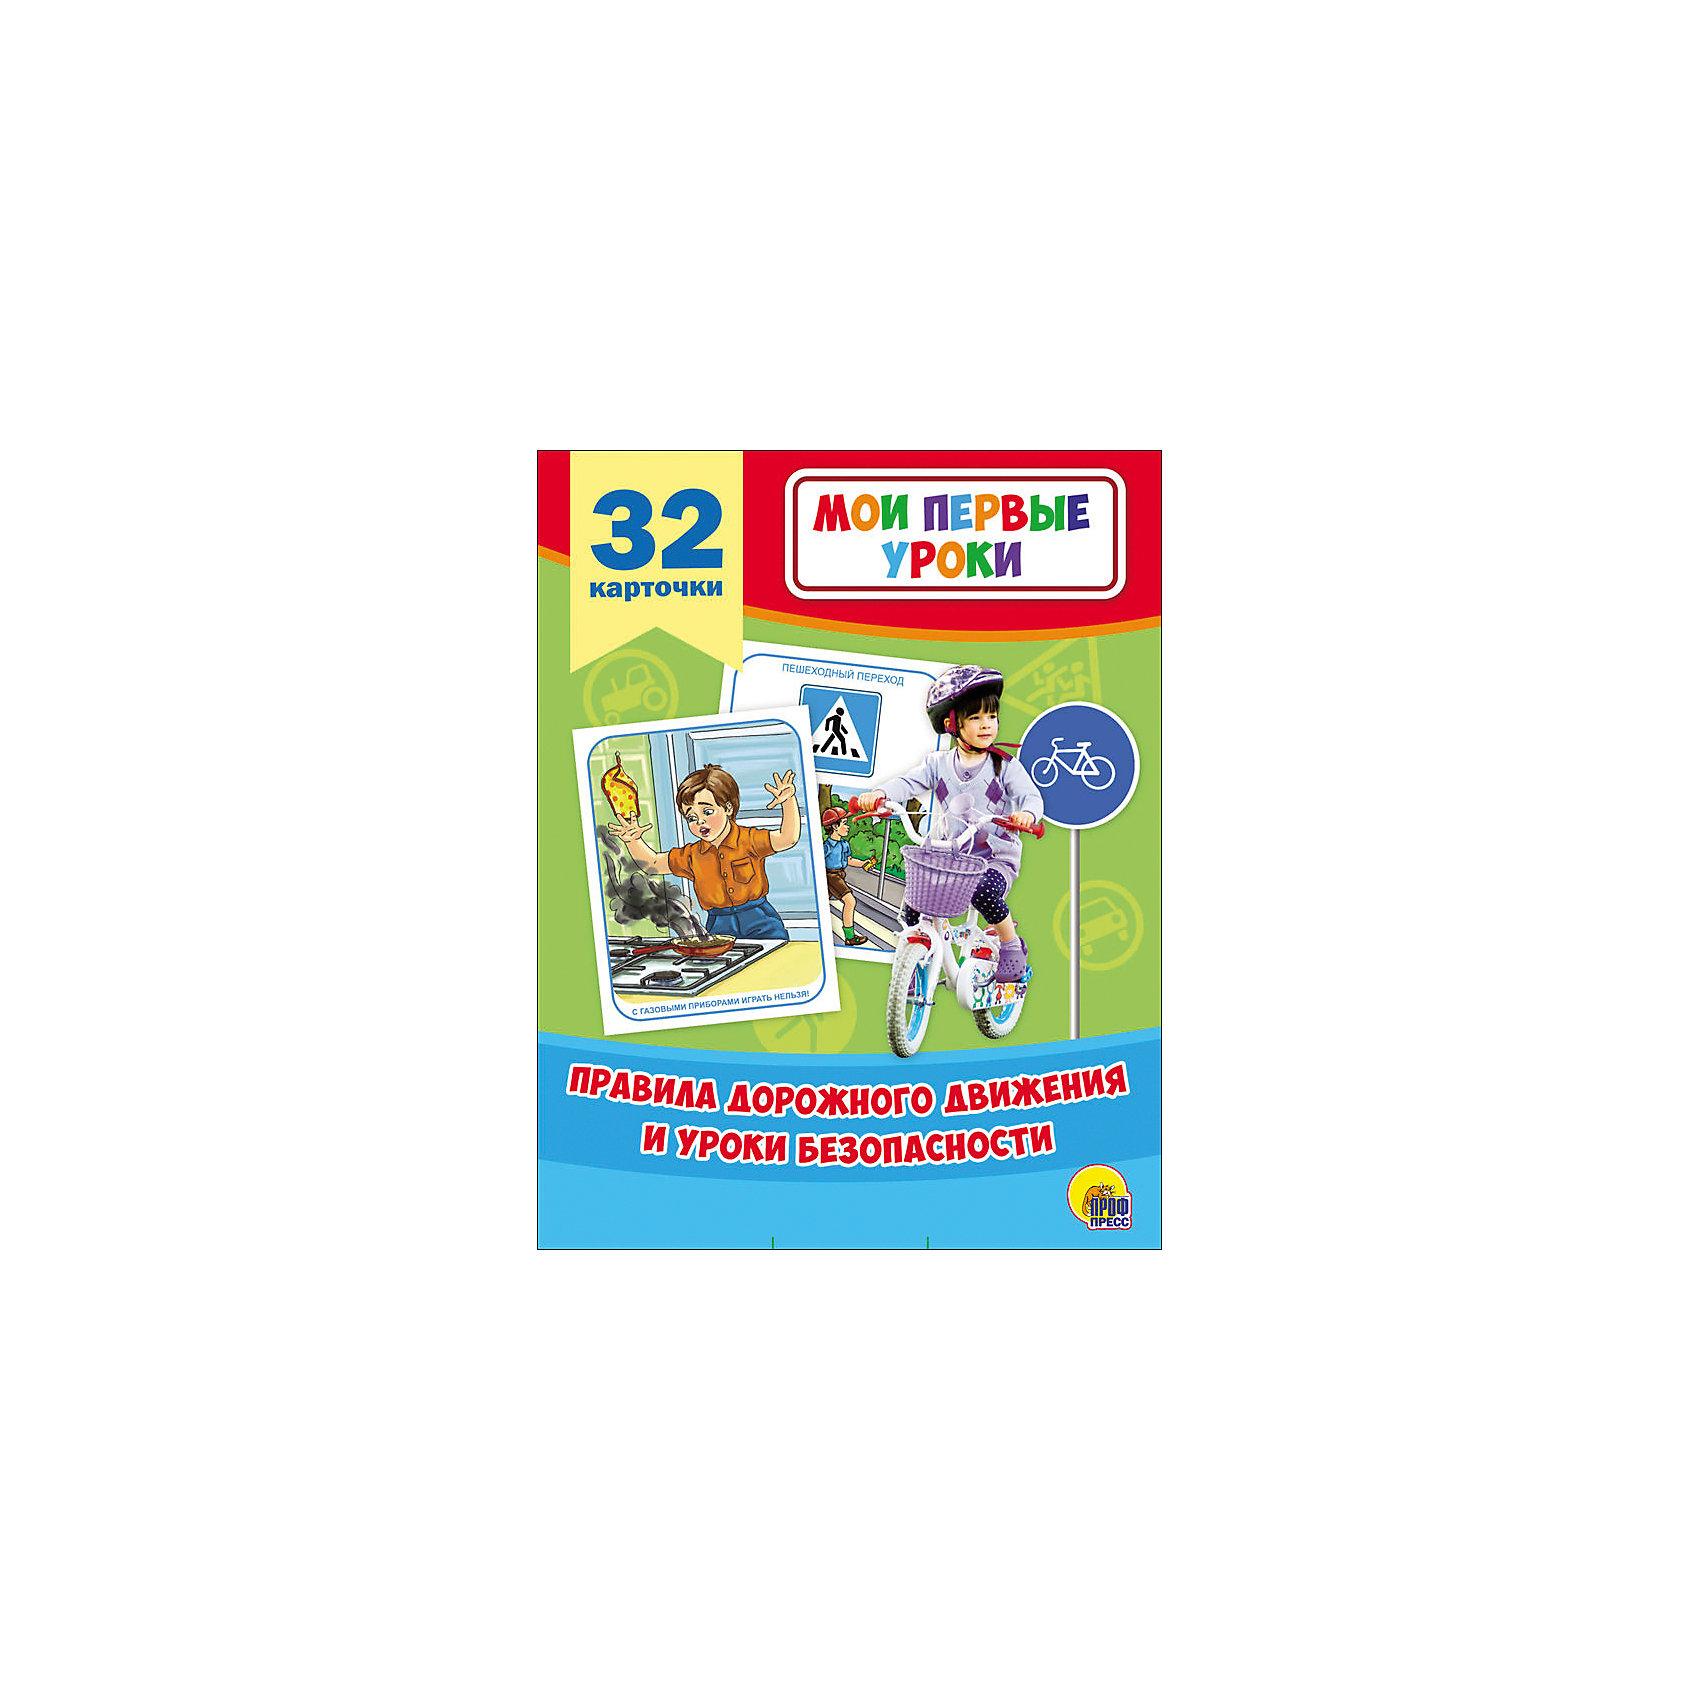 Развивающие карточки  Правила дорожного движенияОбучающие карточки<br>Развивающие карточки Правила дорожного движения.<br><br>Характеристики:<br><br>• Редактор: Грищенко Виктория<br>• Издательство: Проф-Пресс, 2016 г.<br>• Серия: Мои первые уроки<br>• Иллюстрации: цветные<br>• Количество карточек: 32 (картон)<br>• Упаковка: картонный блистер с европодвесом<br>• Размер упаковки: 184х114х18 мм.<br>• Вес: 138 гр.<br>• ISBN: 9785378268788<br><br>Развивающие карточки серии Мои первые уроки в игровой форме познакомят ребёнка с правилами дорожного движения и научат правильно вести себя в опасных ситуациях. На одной стороне каждой карточки написано правило дорожного движения и нарисована картинка, его иллюстрирующая, а на другой стороне текст. Внимательно рассмотрите иллюстрации к правилам дорожного движения, прочитайте правила, объясните необходимость их выполнения. Для детей дошкольного возраста.<br><br>Развивающие карточки Правила дорожного движения можно купить в нашем интернет-магазине.<br><br>Ширина мм: 185<br>Глубина мм: 117<br>Высота мм: 114<br>Вес г: 0<br>Возраст от месяцев: 36<br>Возраст до месяцев: 2147483647<br>Пол: Унисекс<br>Возраст: Детский<br>SKU: 5452301